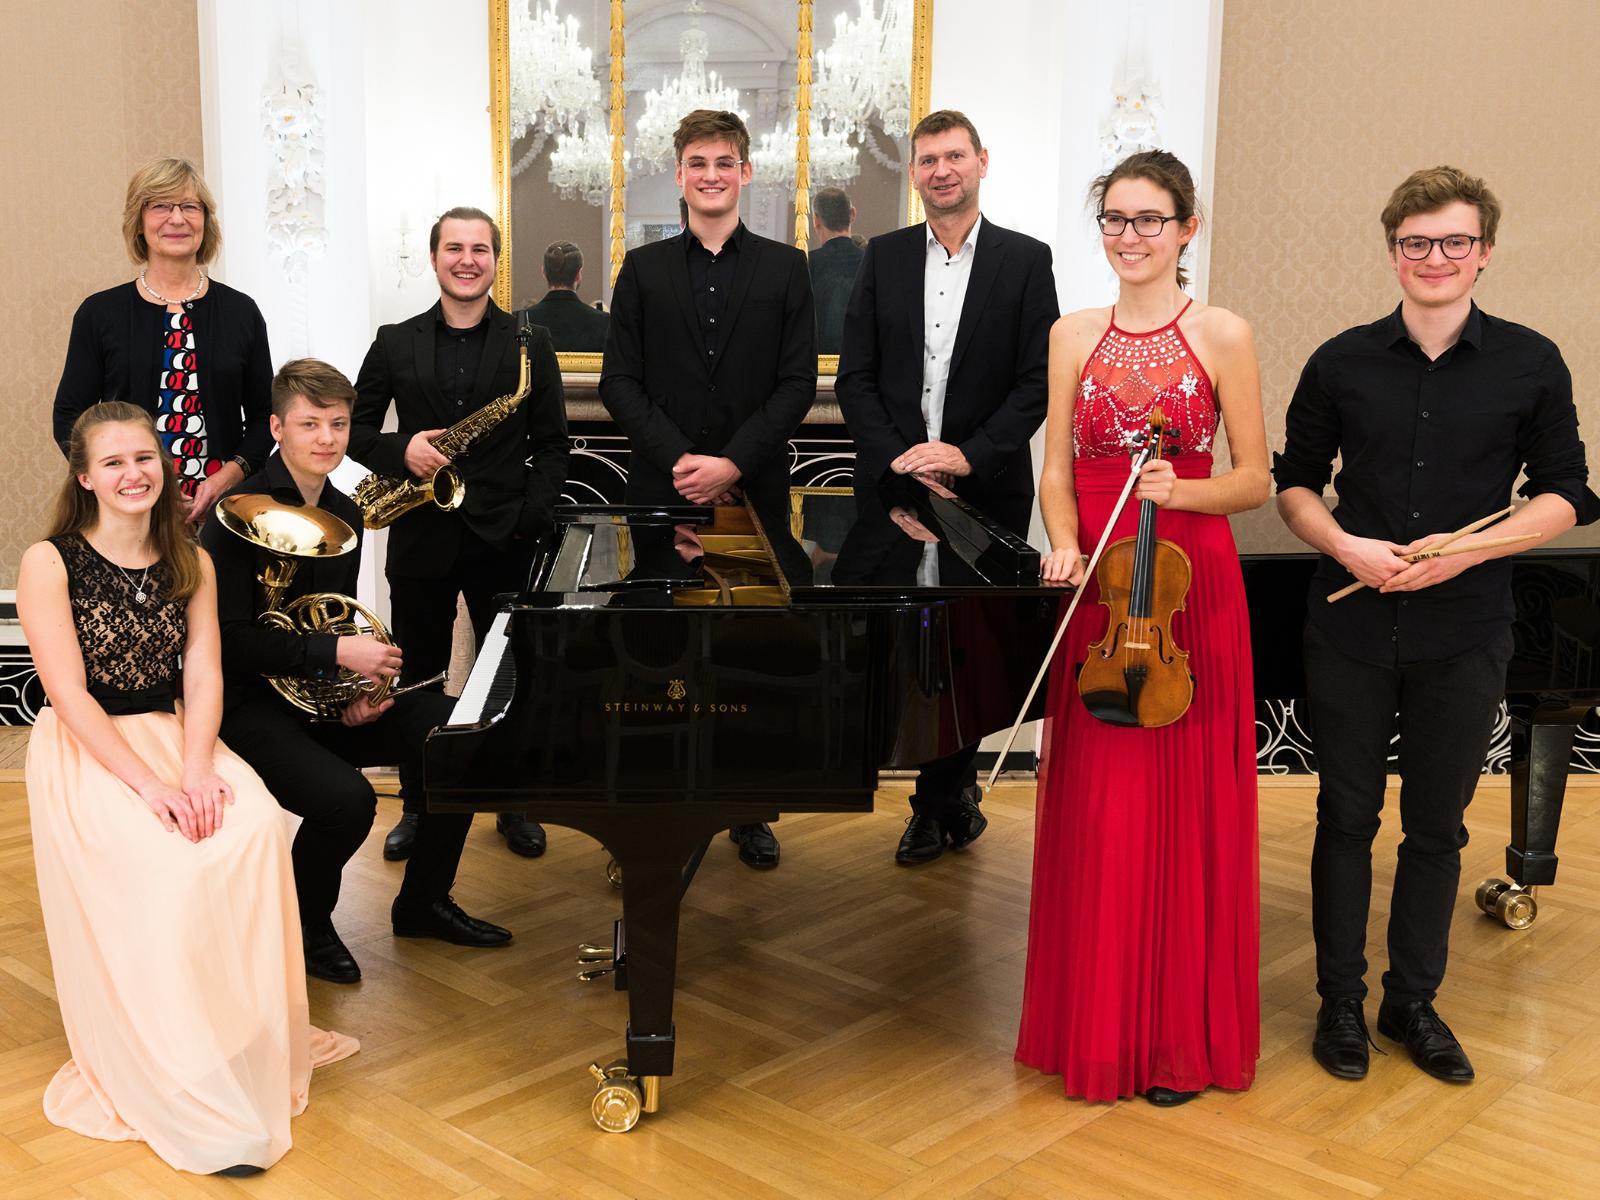 Vorstands-Vorsitzender Oliver Brünnich und Vorstands-Mitglied Ute Römer mit den Musikern der Young Academy Rostock